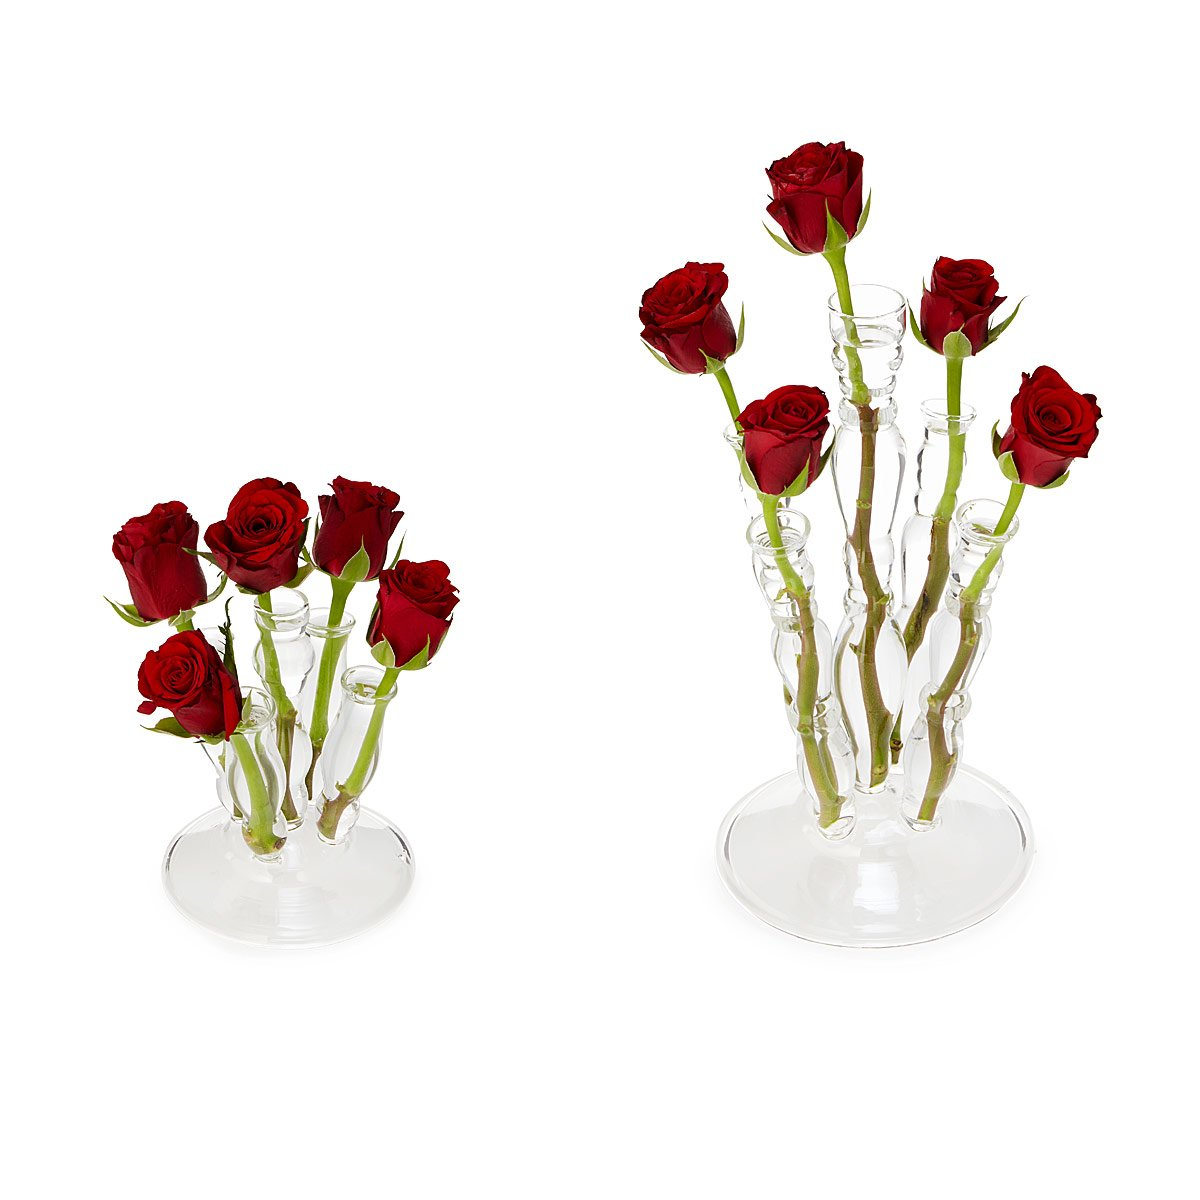 Moms little vase glass bud vase flowers uncommongoods flute bud vase reviewsmspy